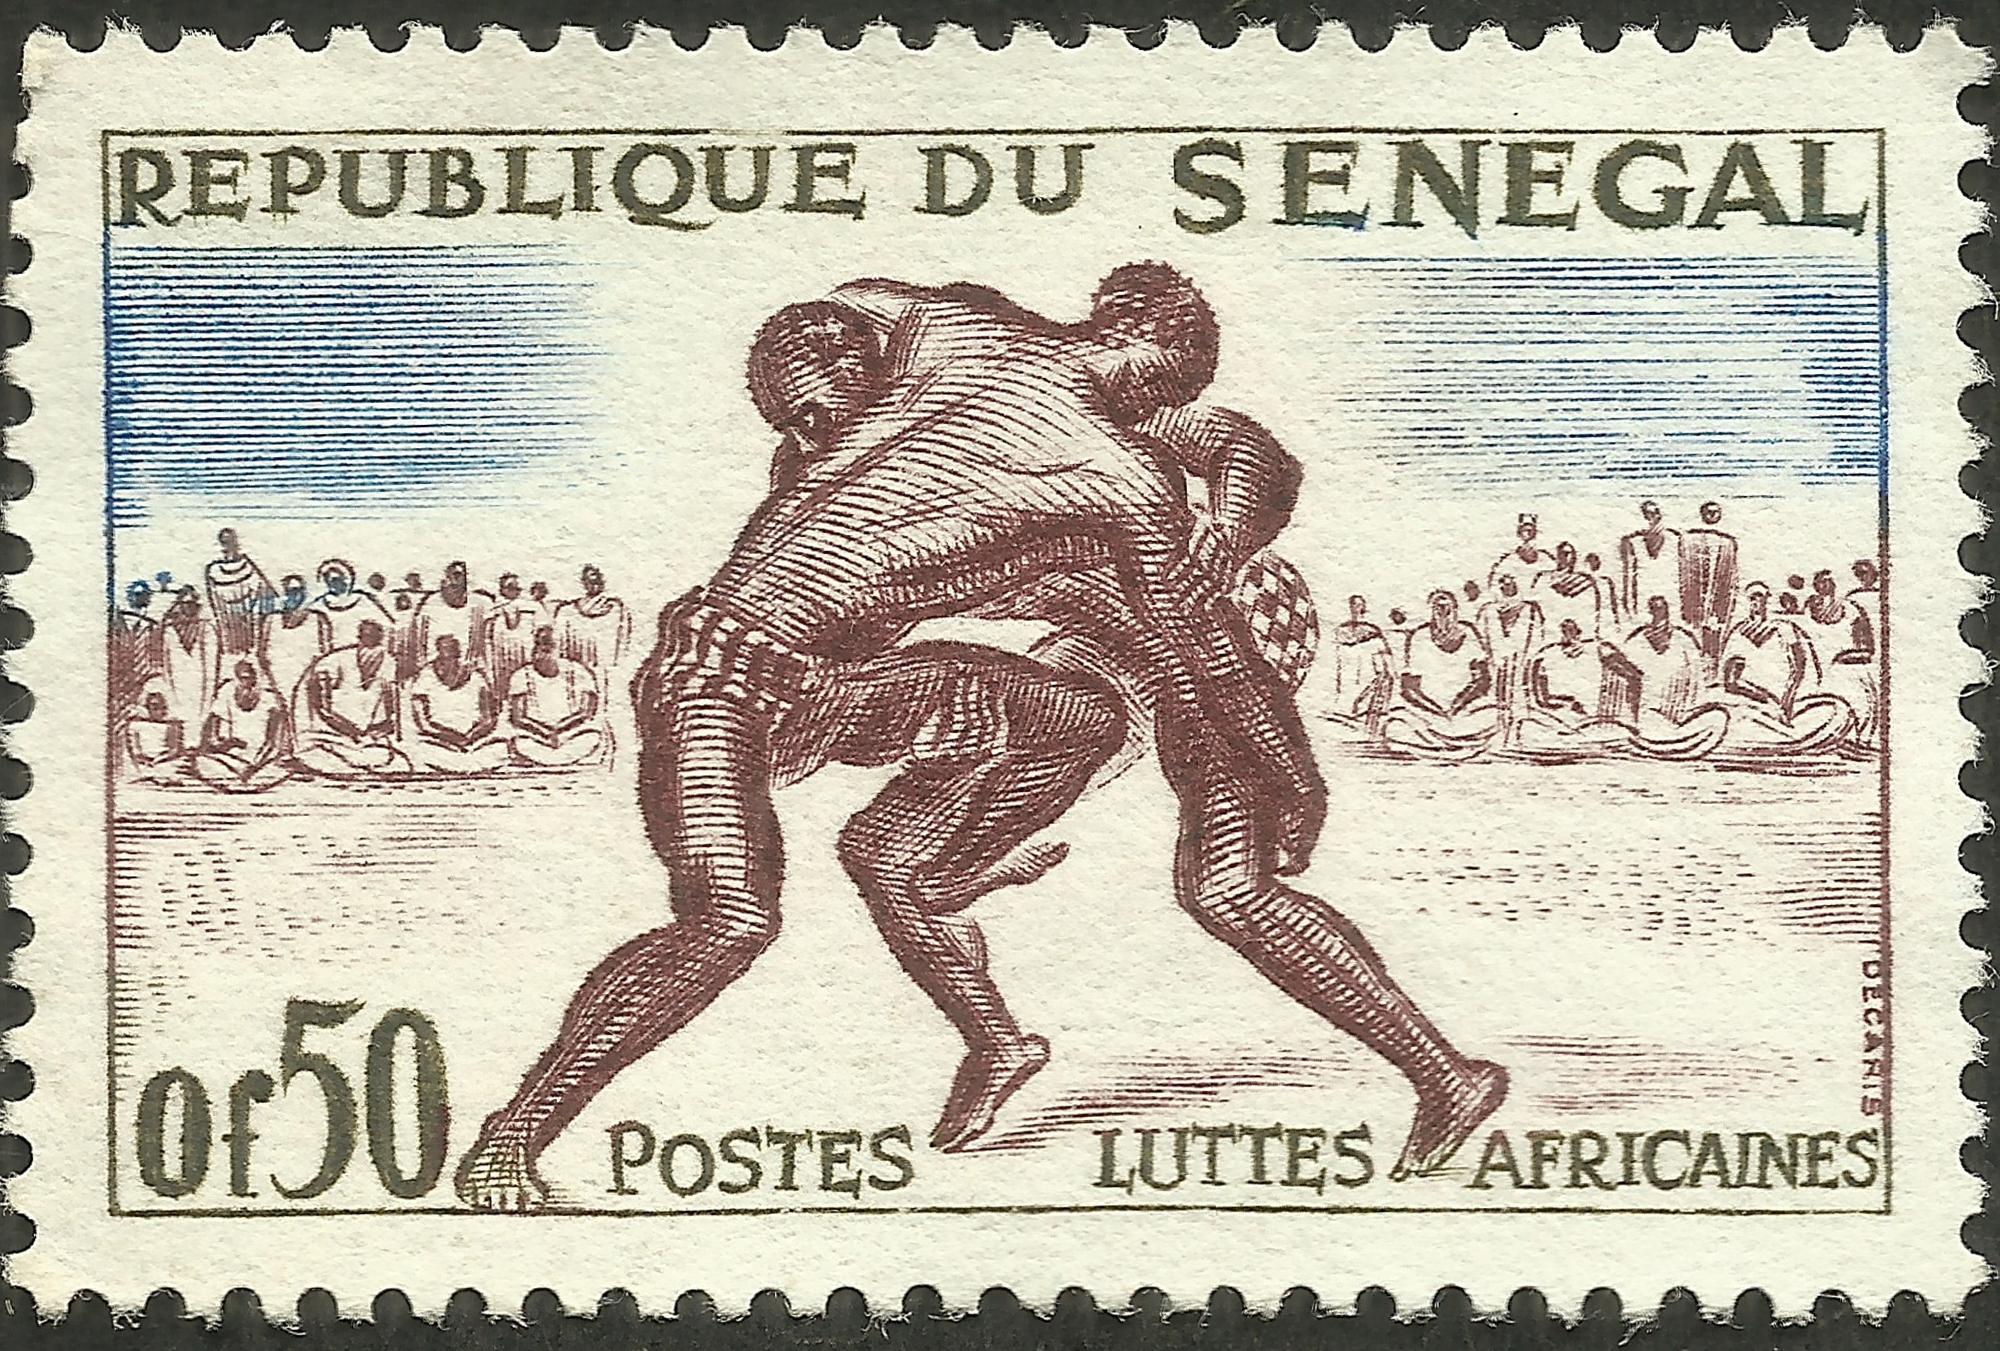 Republic of Senegal - Scott #202 (1961)